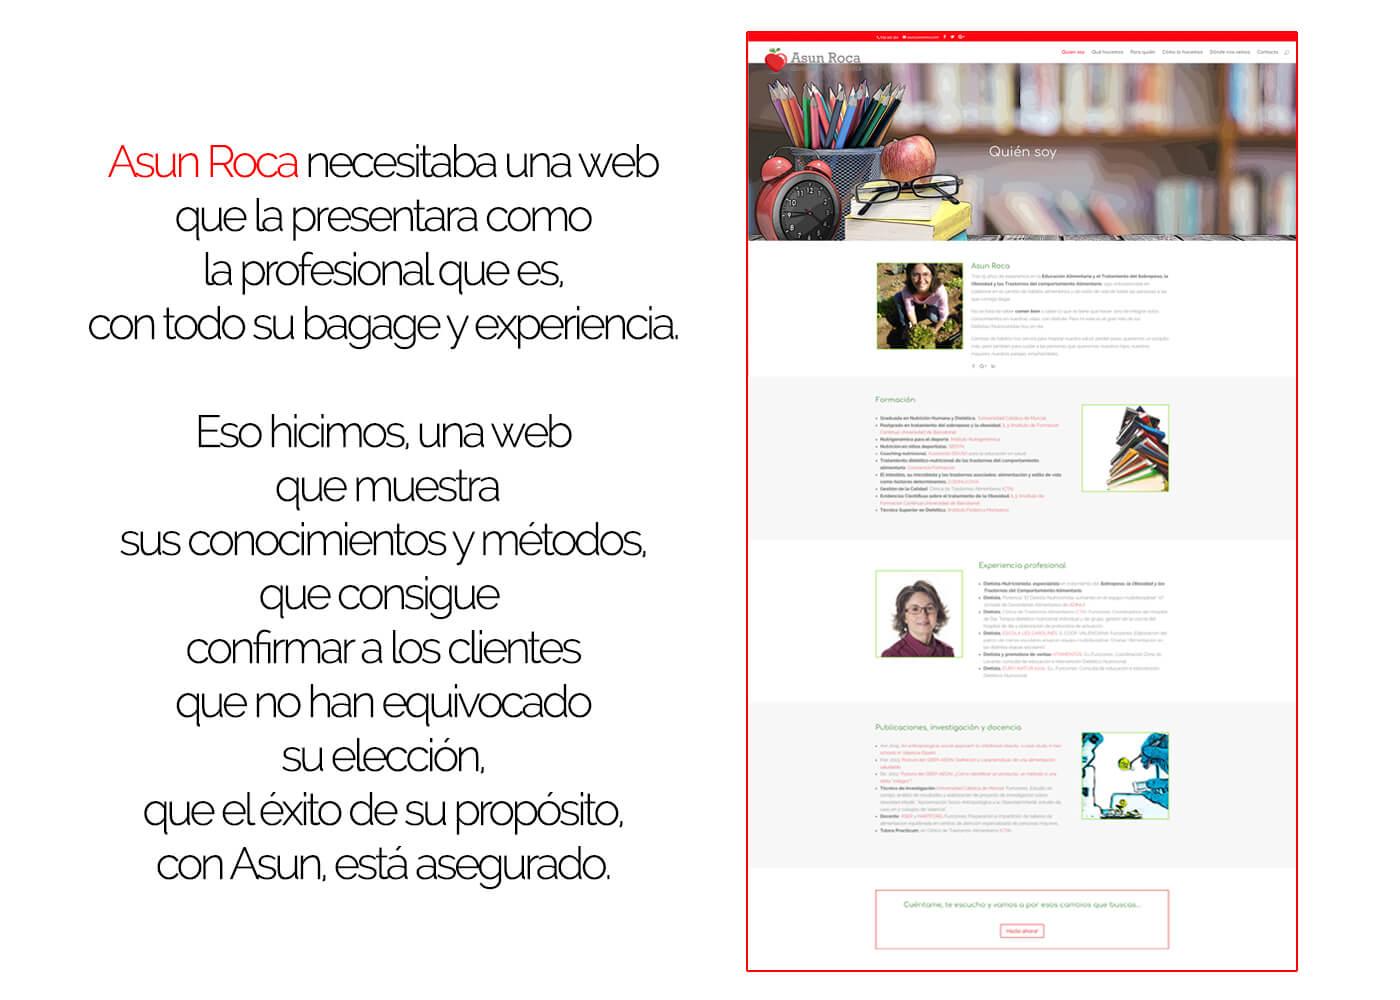 Web Asun Roca dietista nutricionista Quién Soy | The Superway Webs